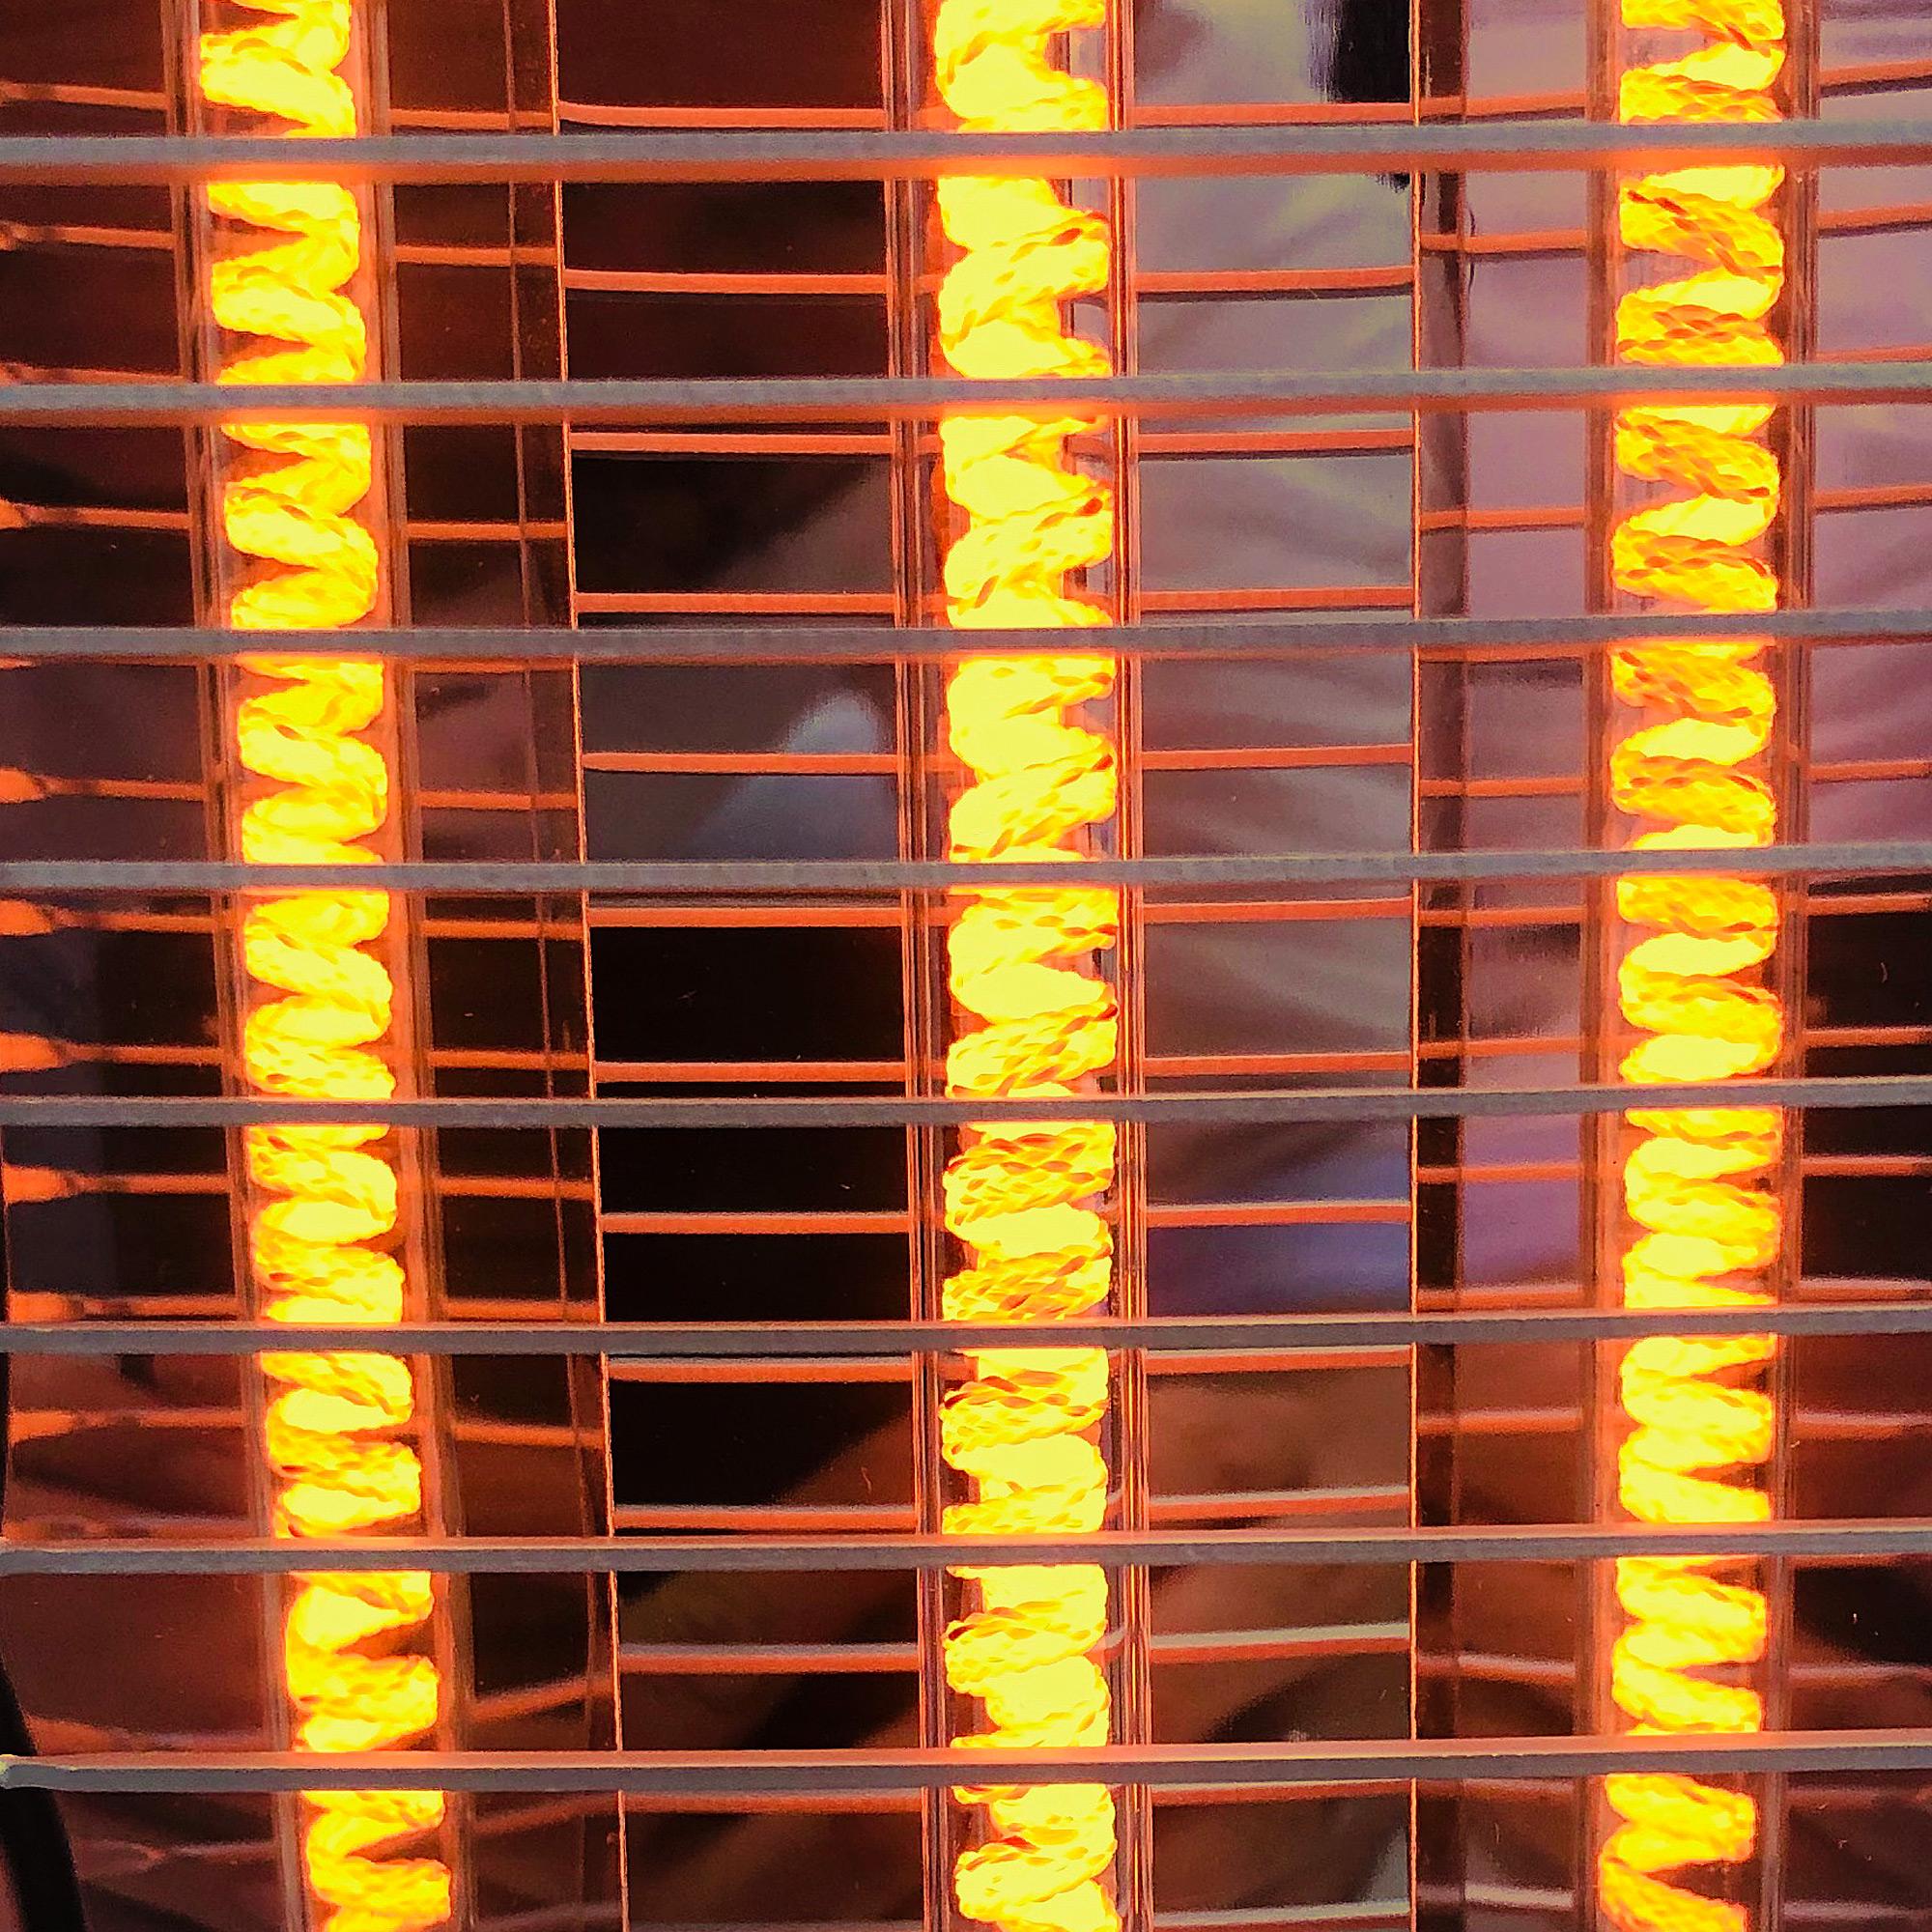 Standheizstrahler-HeatTower-2500-Watt-Infrarot-Carbon-Roehre